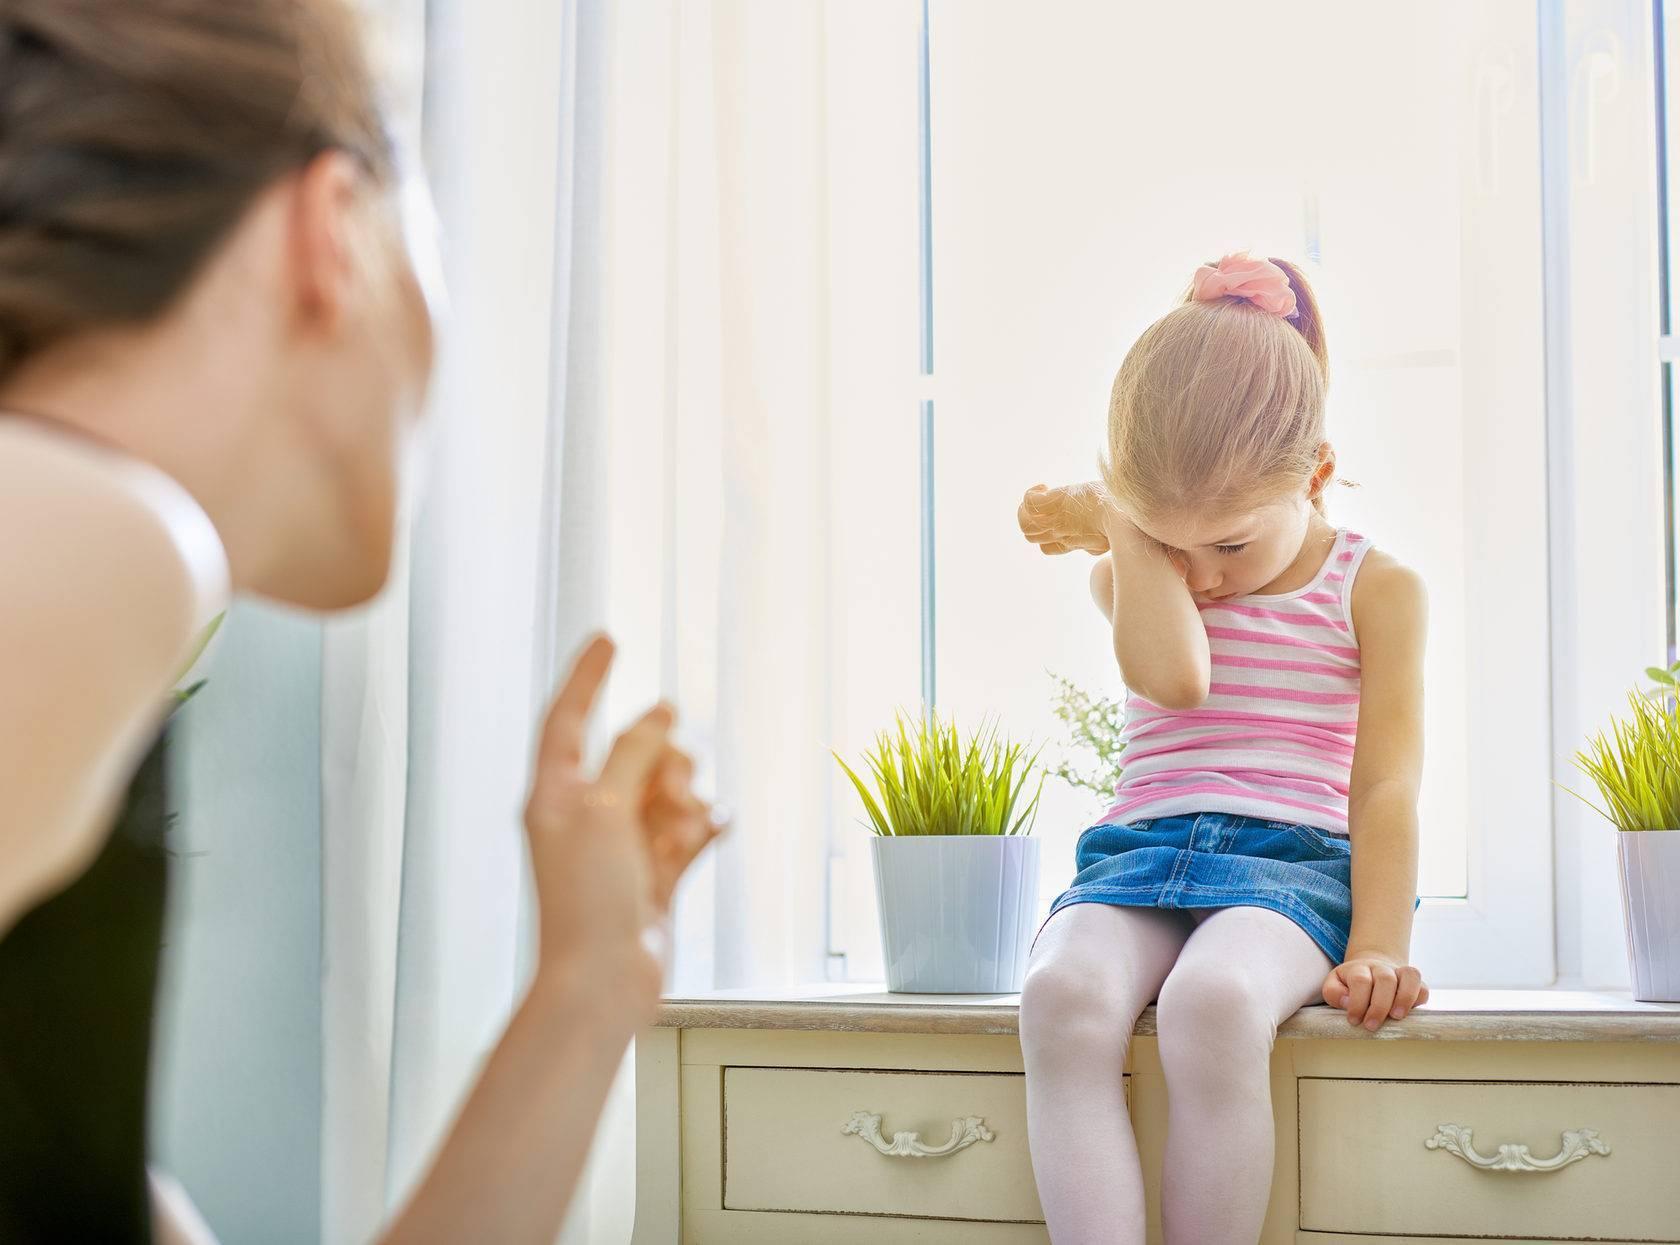 Как не срываться и не орать на ребенка и научиться управлять своим гневом - советы психологов на inha|rmony